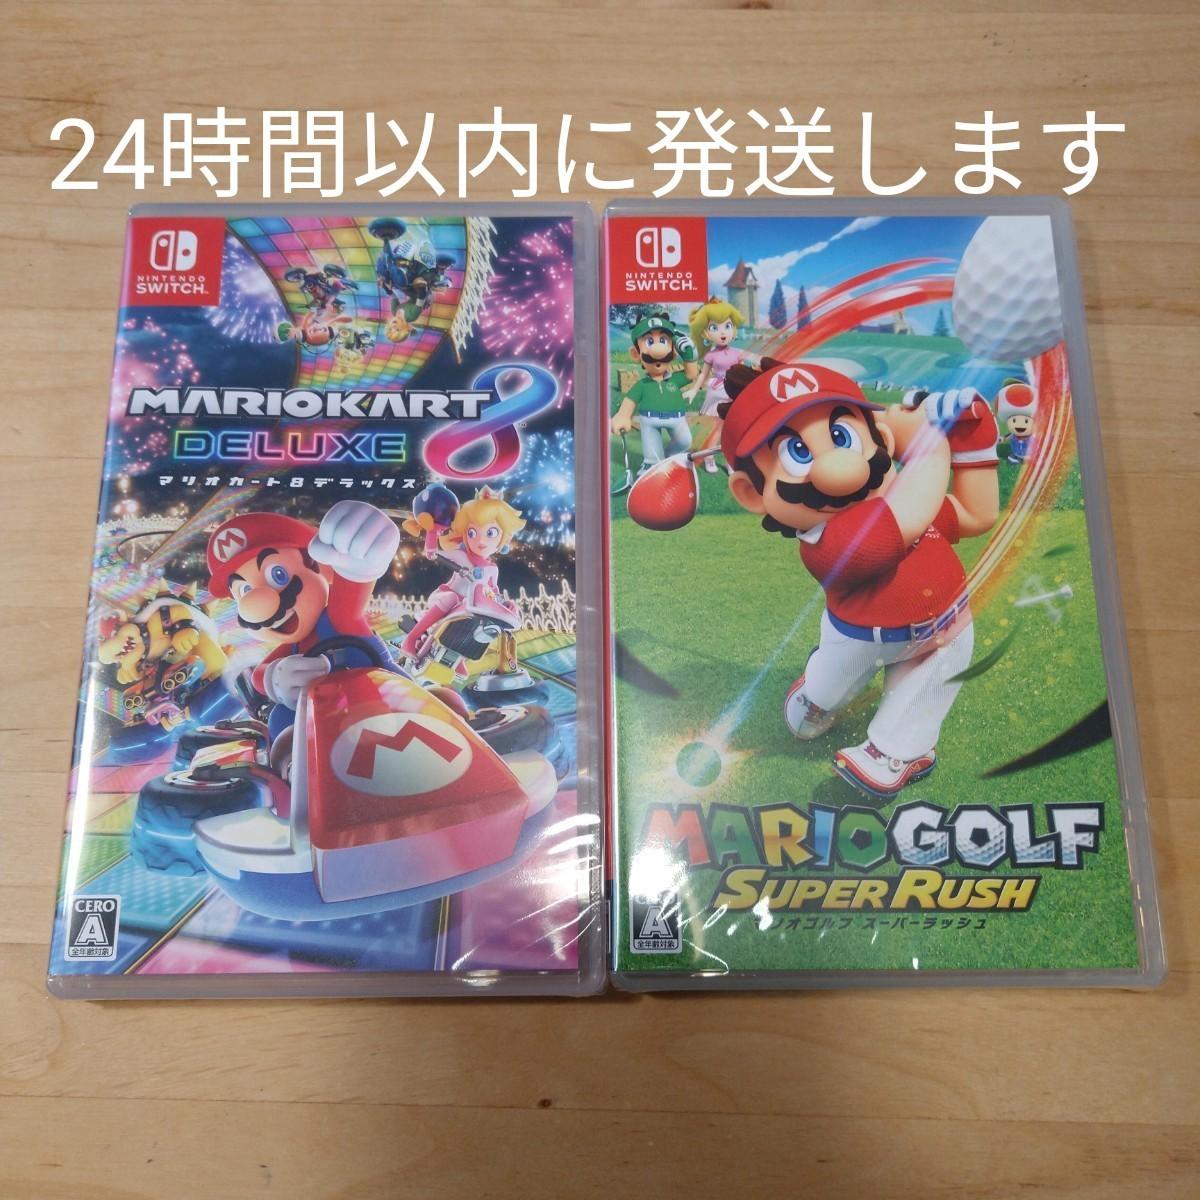 新品 マリオカート8デラックス マリオゴルフスーパーラッシュ Nintendo Switch